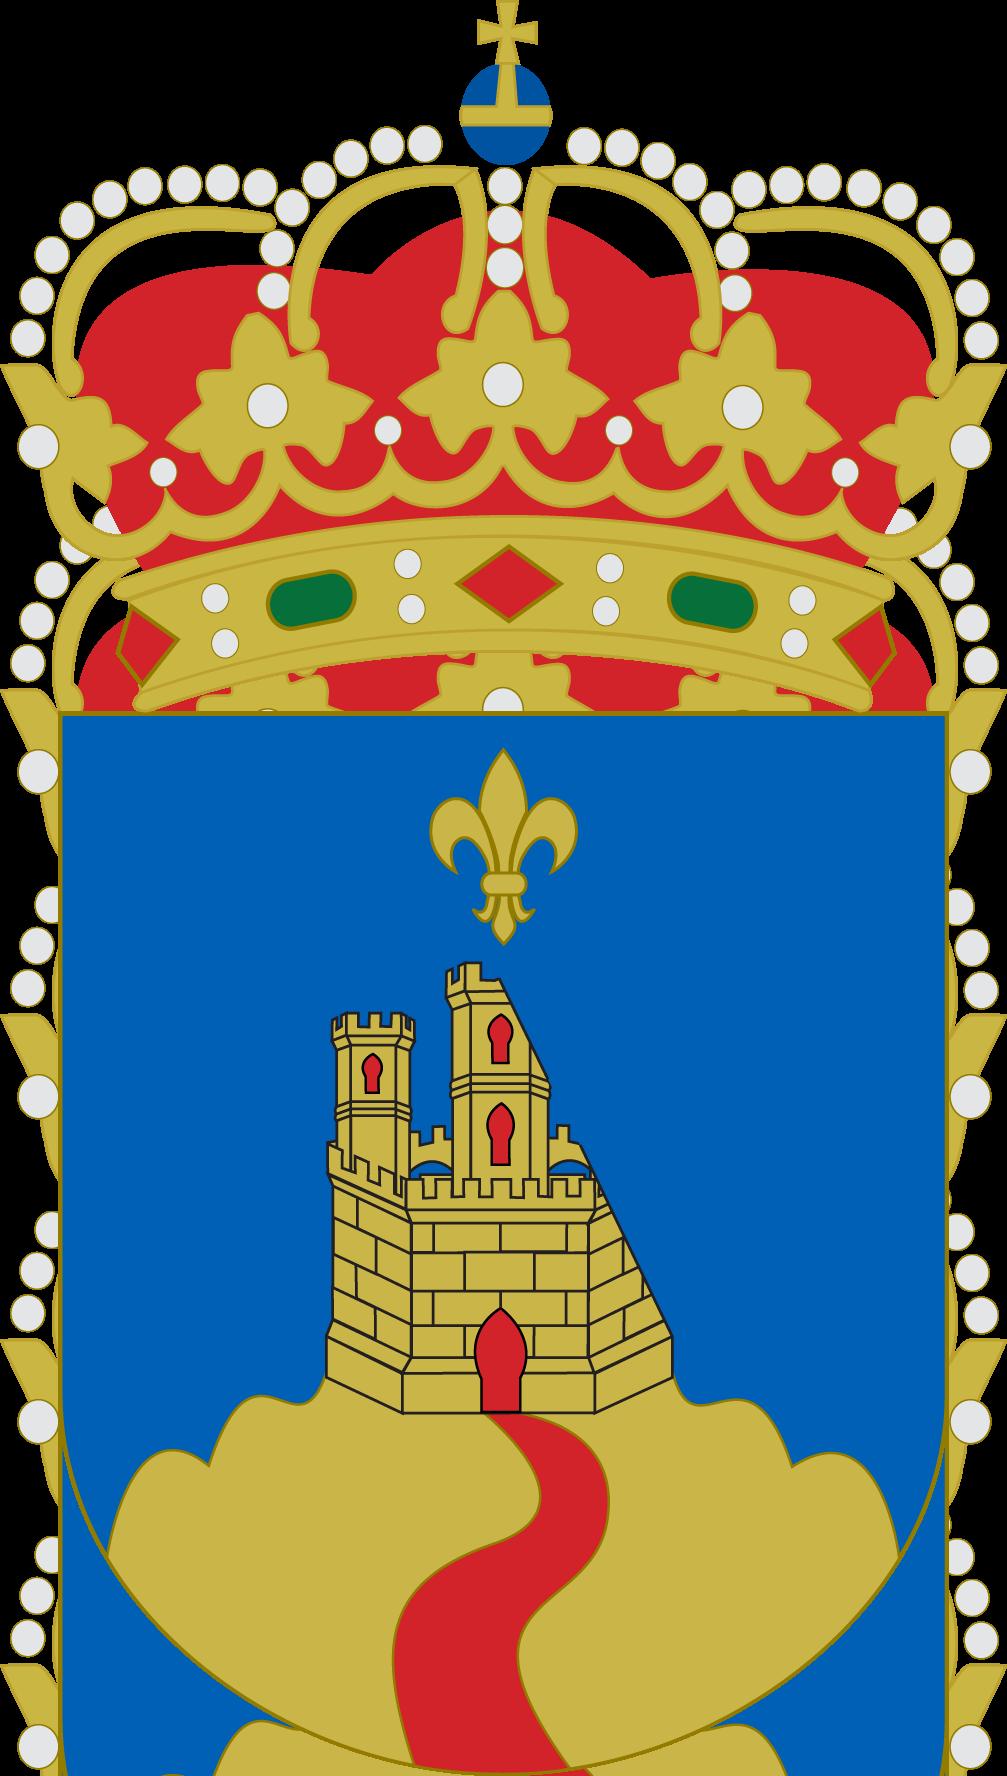 File:Escudo de Calzada Cva.png.